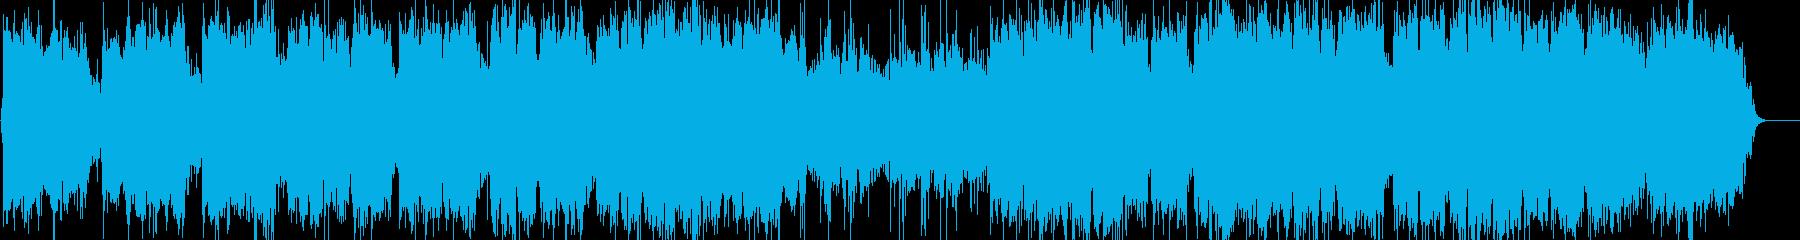 ケーナとピアノの優しい音楽の再生済みの波形